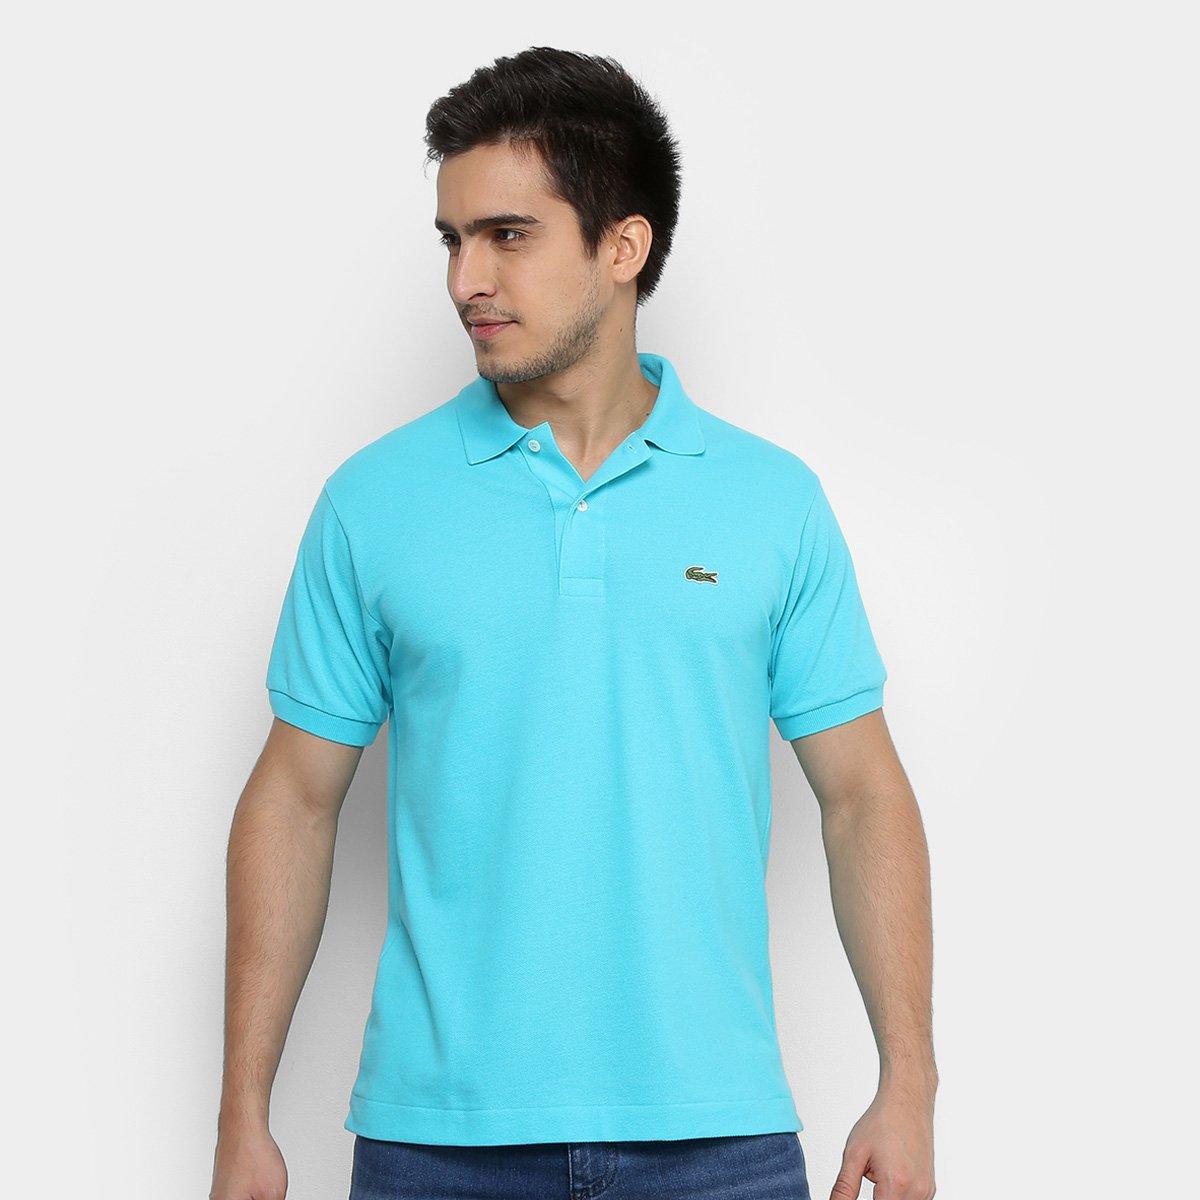 1be4e7f57d0 Camisa Polo Lacoste Piquet Original Fit Masculina - Shopping TudoAzul